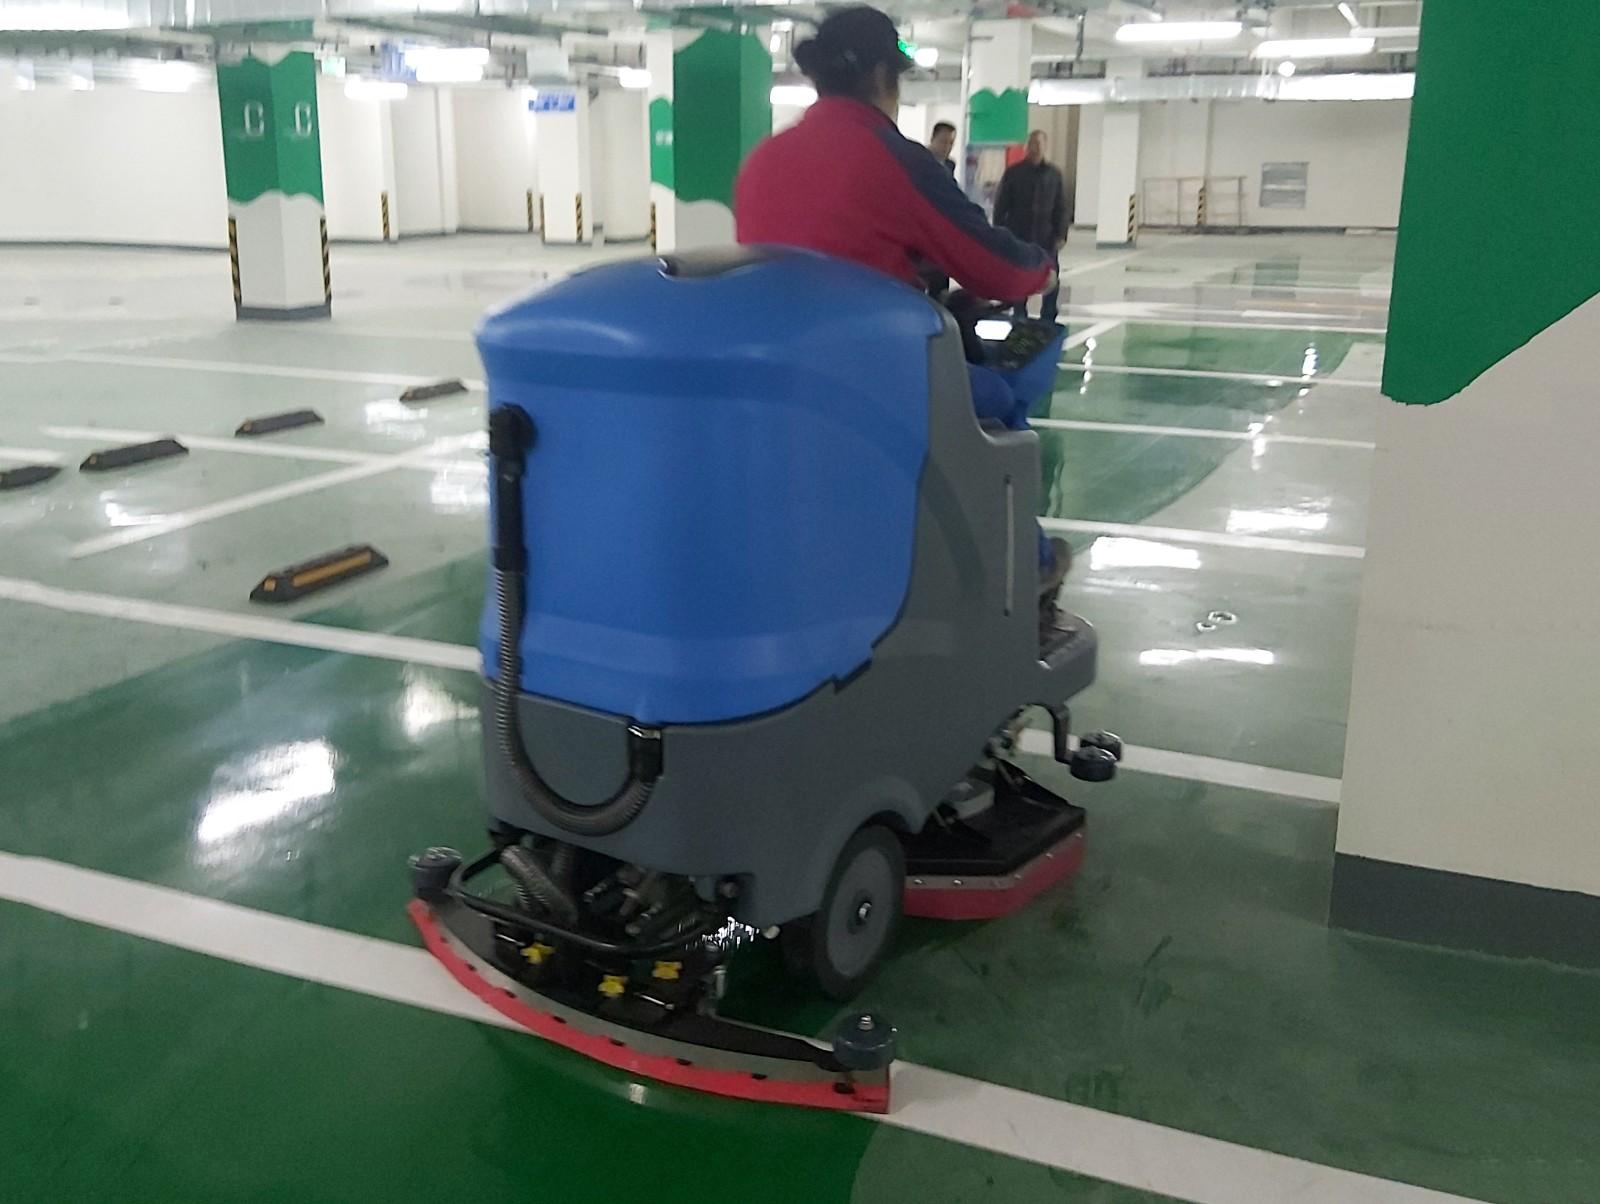 停车场地面清洁选择了扫地机与洗地机